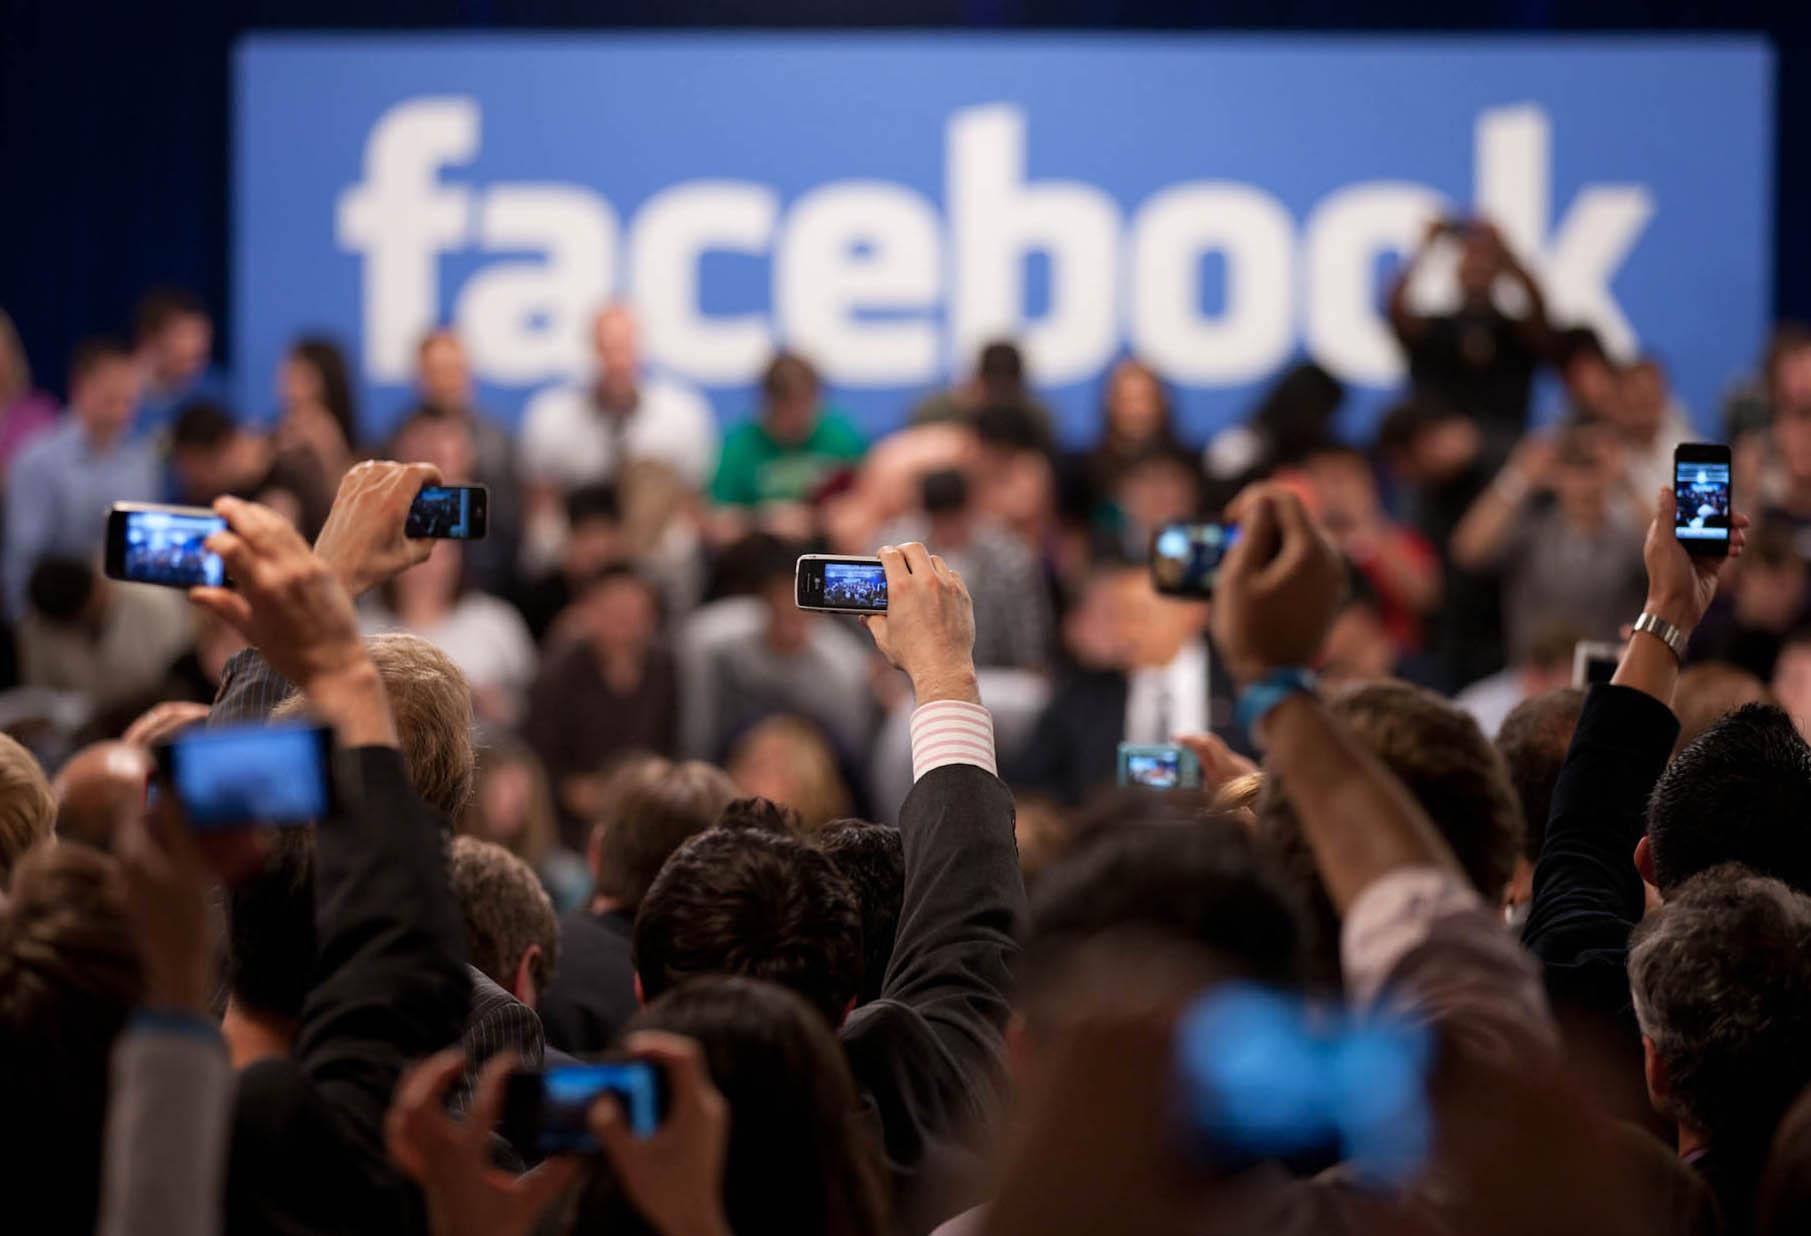 какие фотографии более популярно на фейсбук и любой